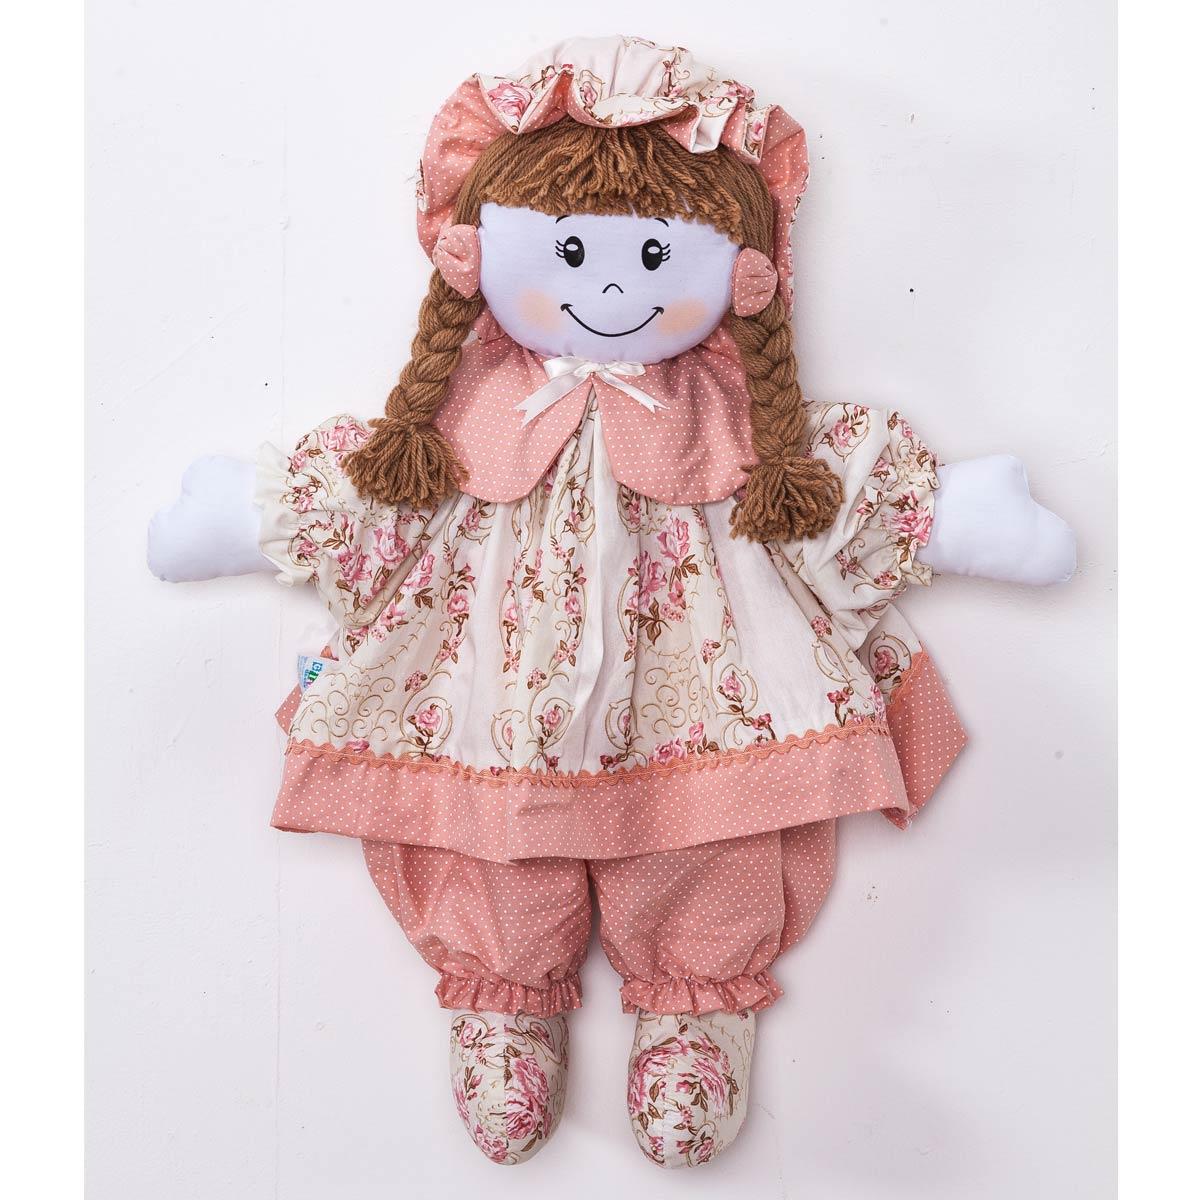 Boneca decorativa para Quarto Bebê - Coleção Ursa Naná